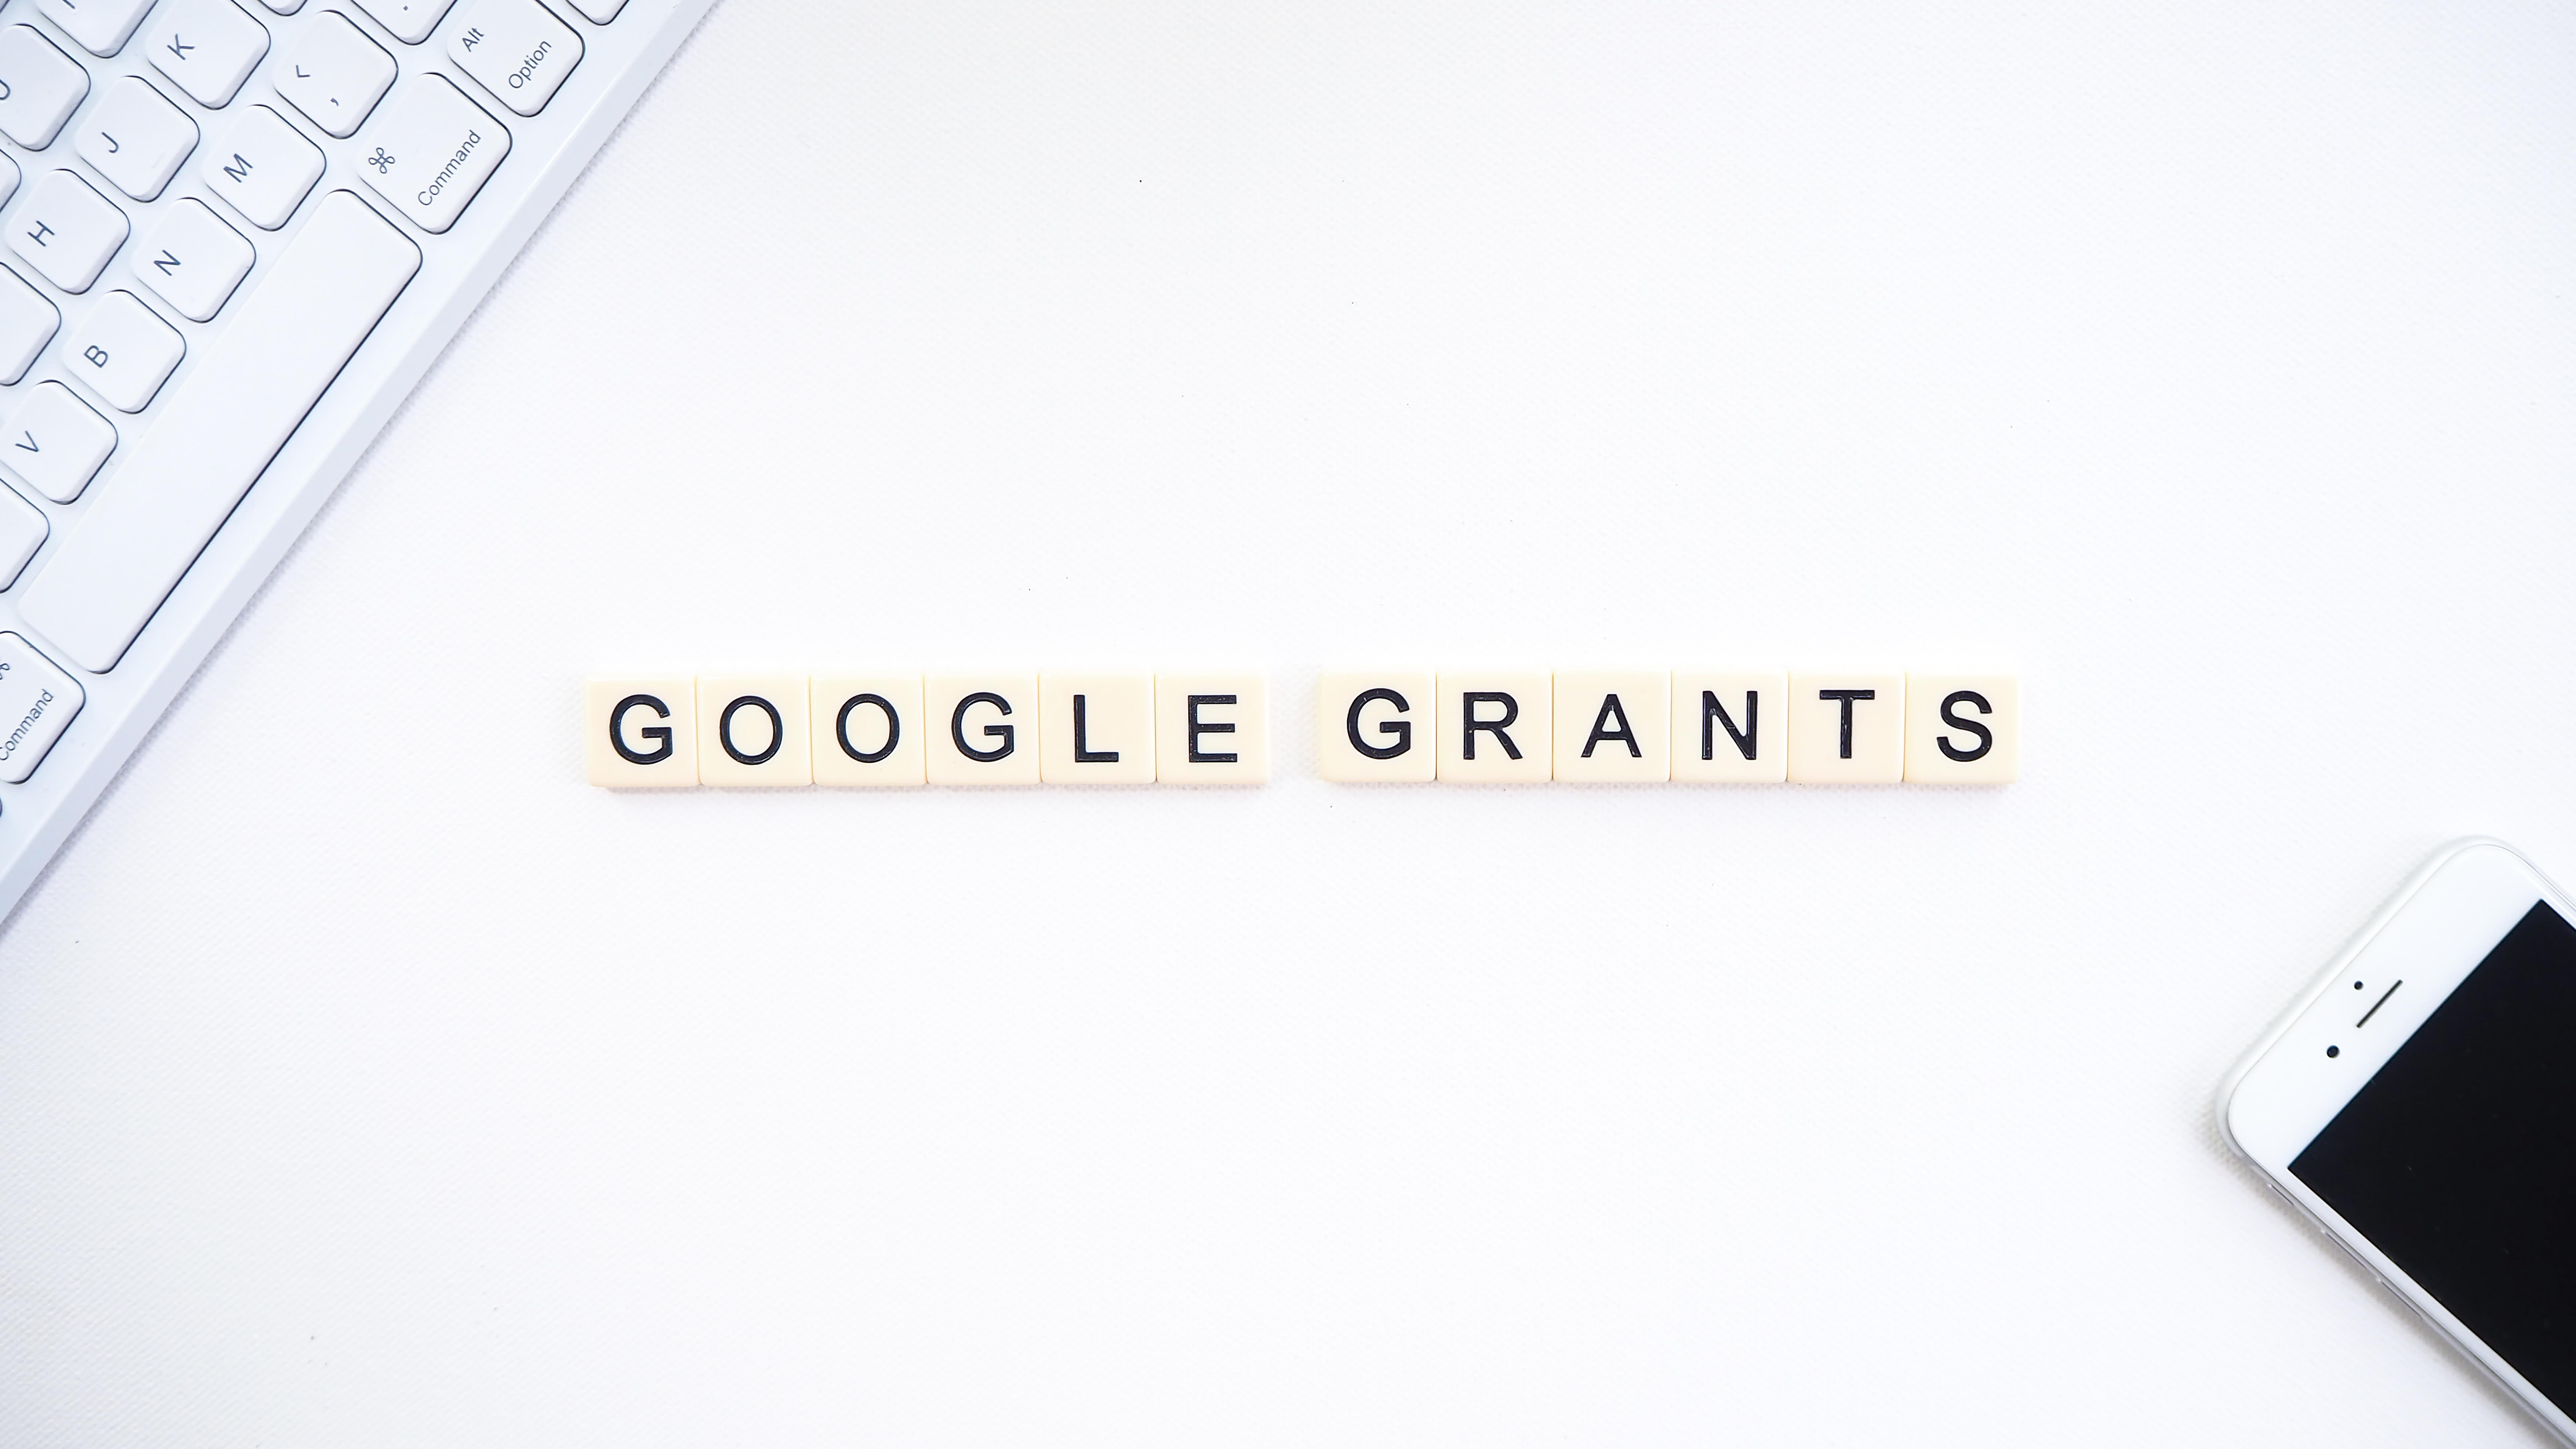 Google Grants Text